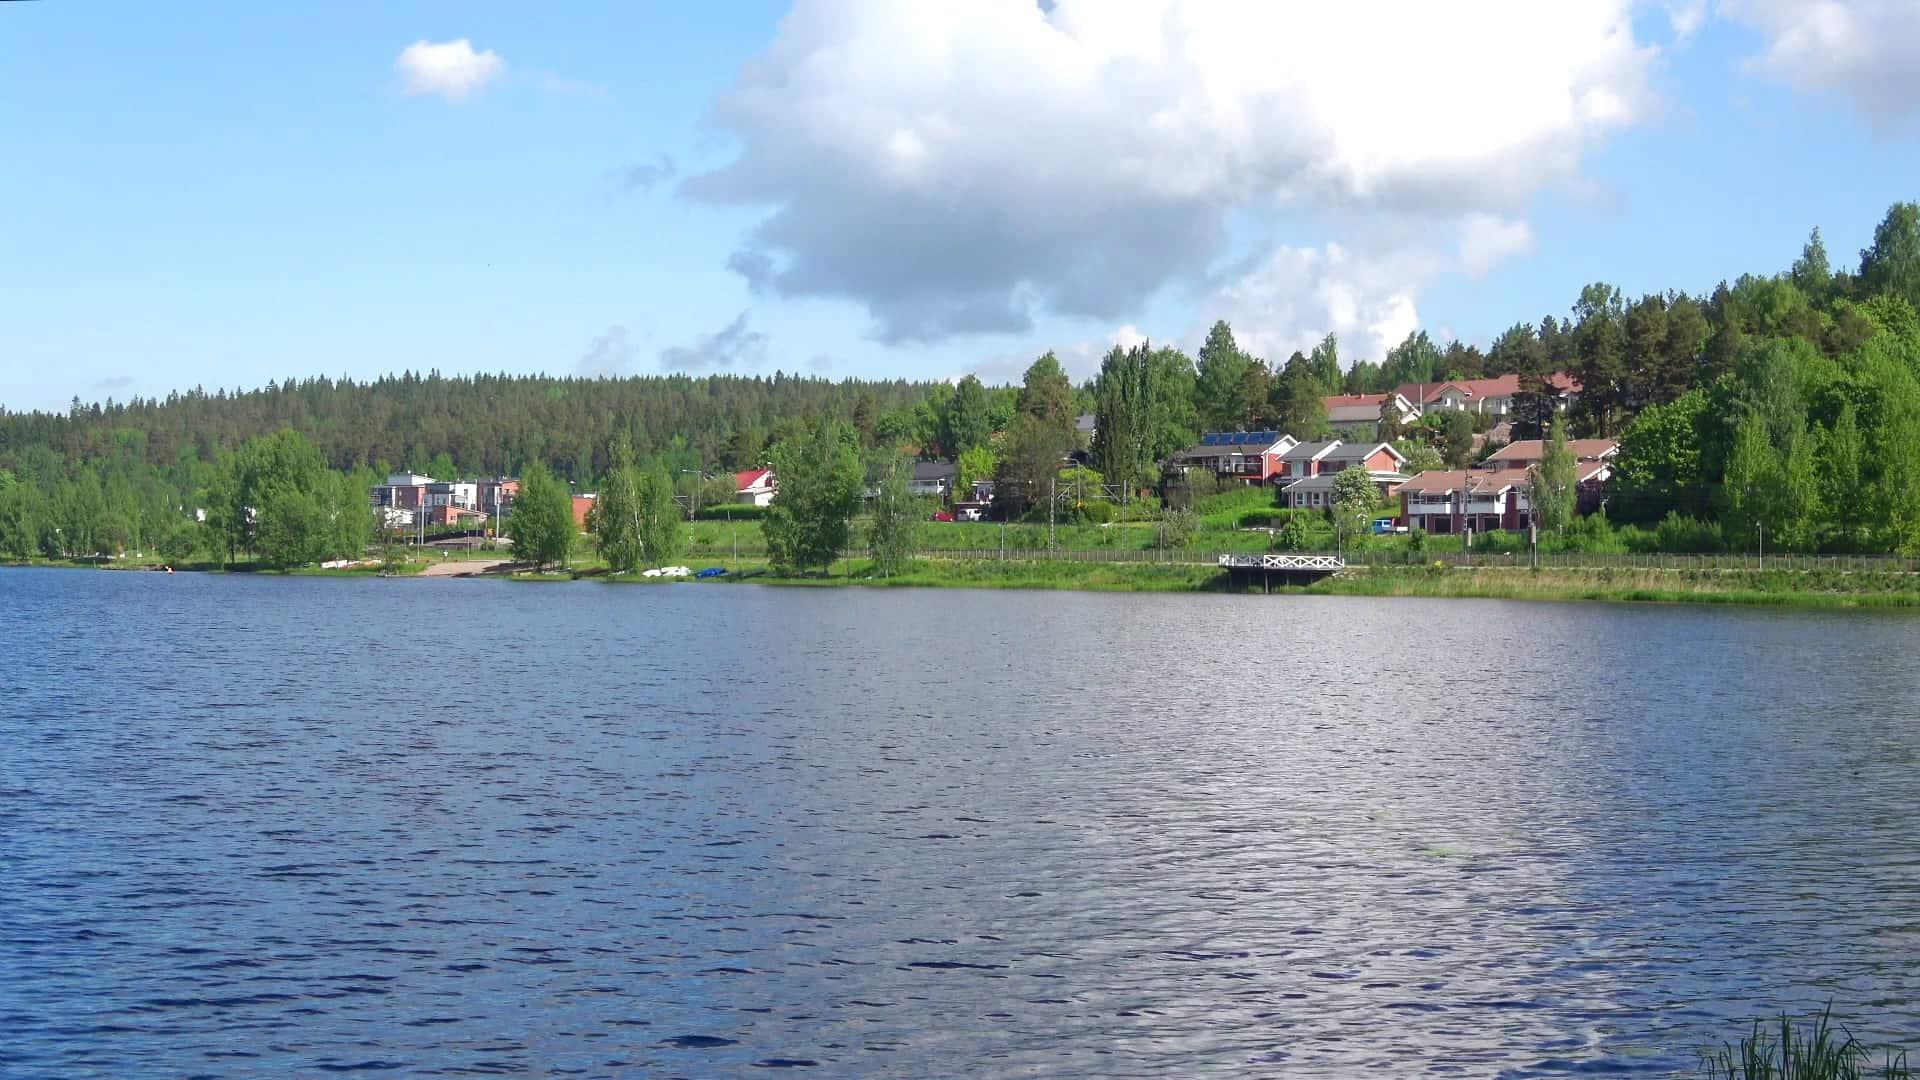 بحيرة كالافيسي Lake kallavesi